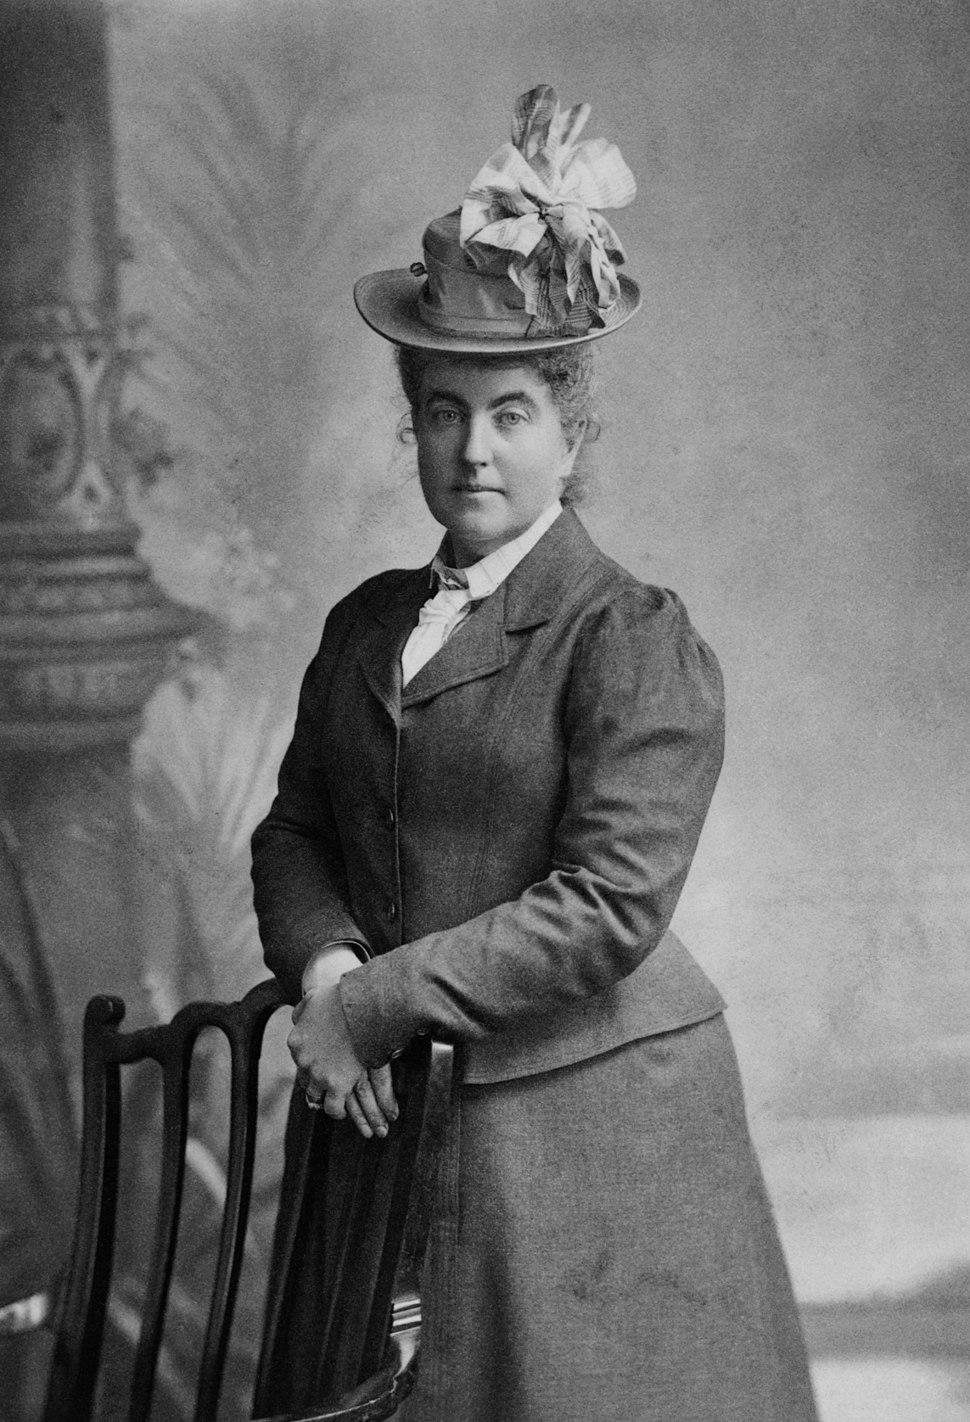 Maull & Fox - Fanny Bullock Workman